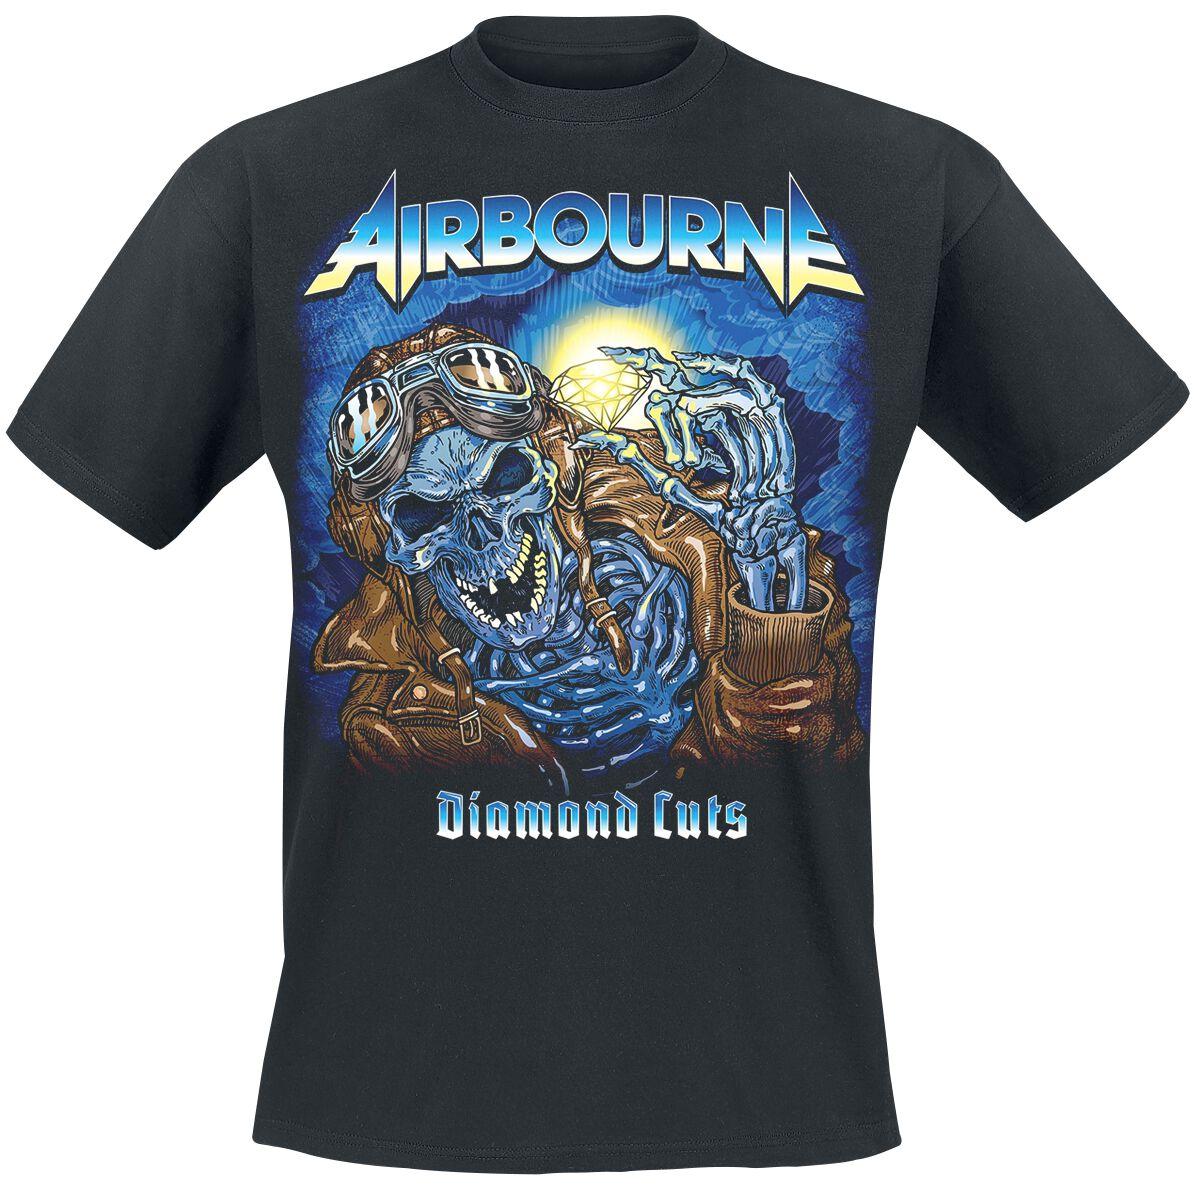 Zespoły - Koszulki - T-Shirt Airbourne Diamond Cuts T-Shirt czarny - 369996